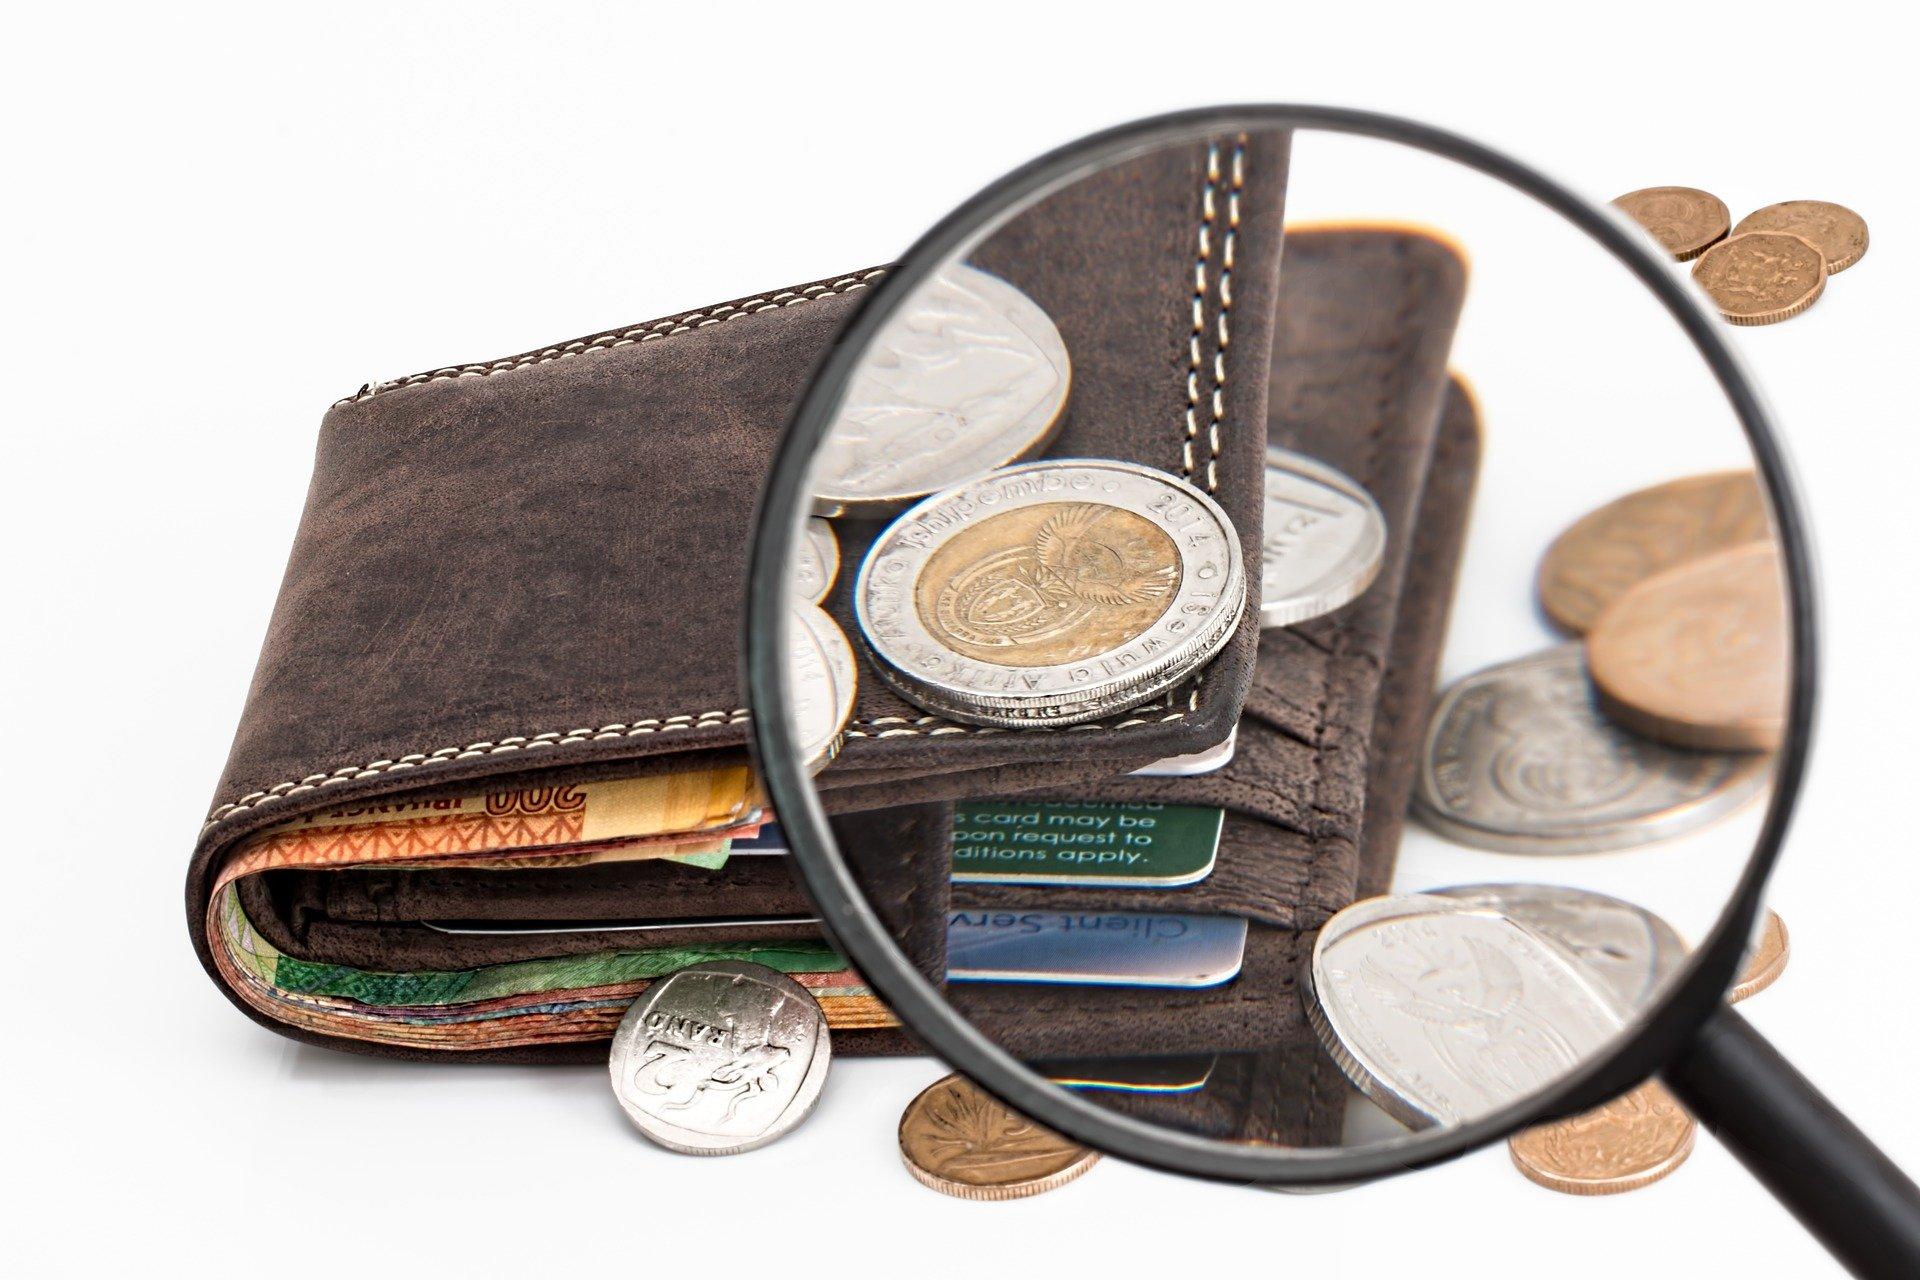 Neben den traditionellen Methoden wie Überweisungen und Kreditkarten, werden auch moderne Zahlungsmittel wie E-Wallets, Prepaid-Karten und auch Kryptowährungen immer beliebter.